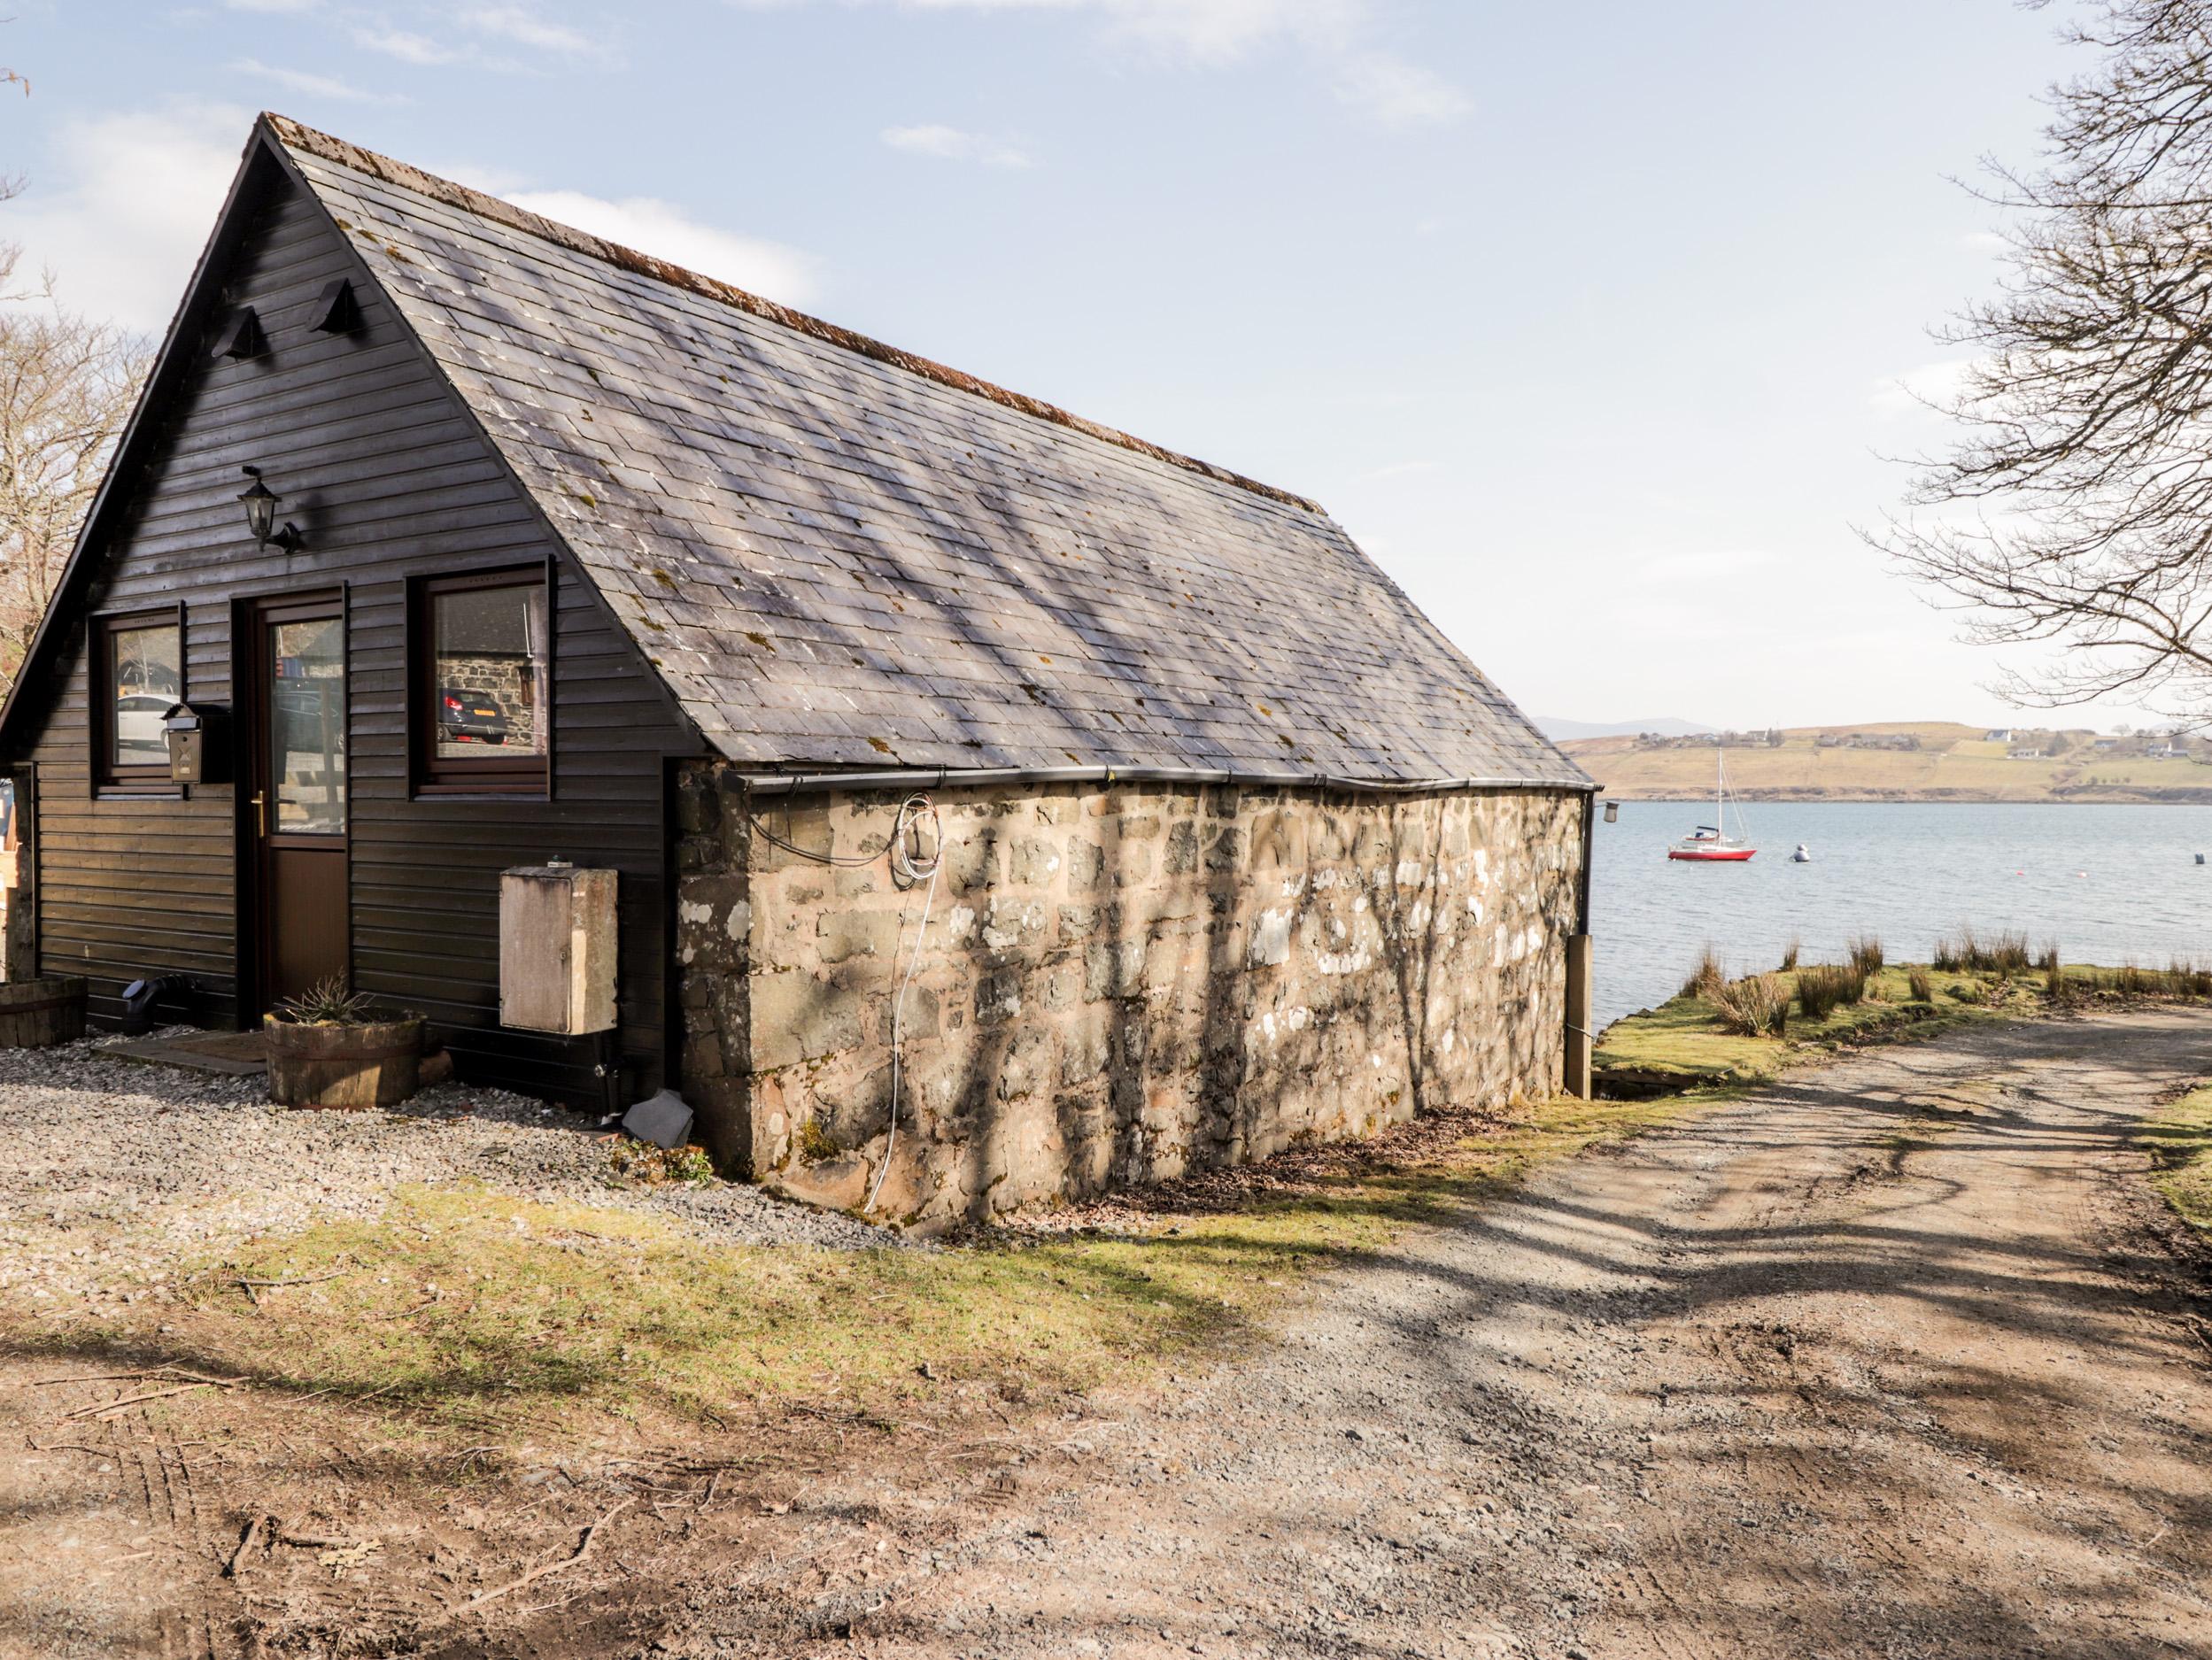 Greshornish Boathouse, Greshornish